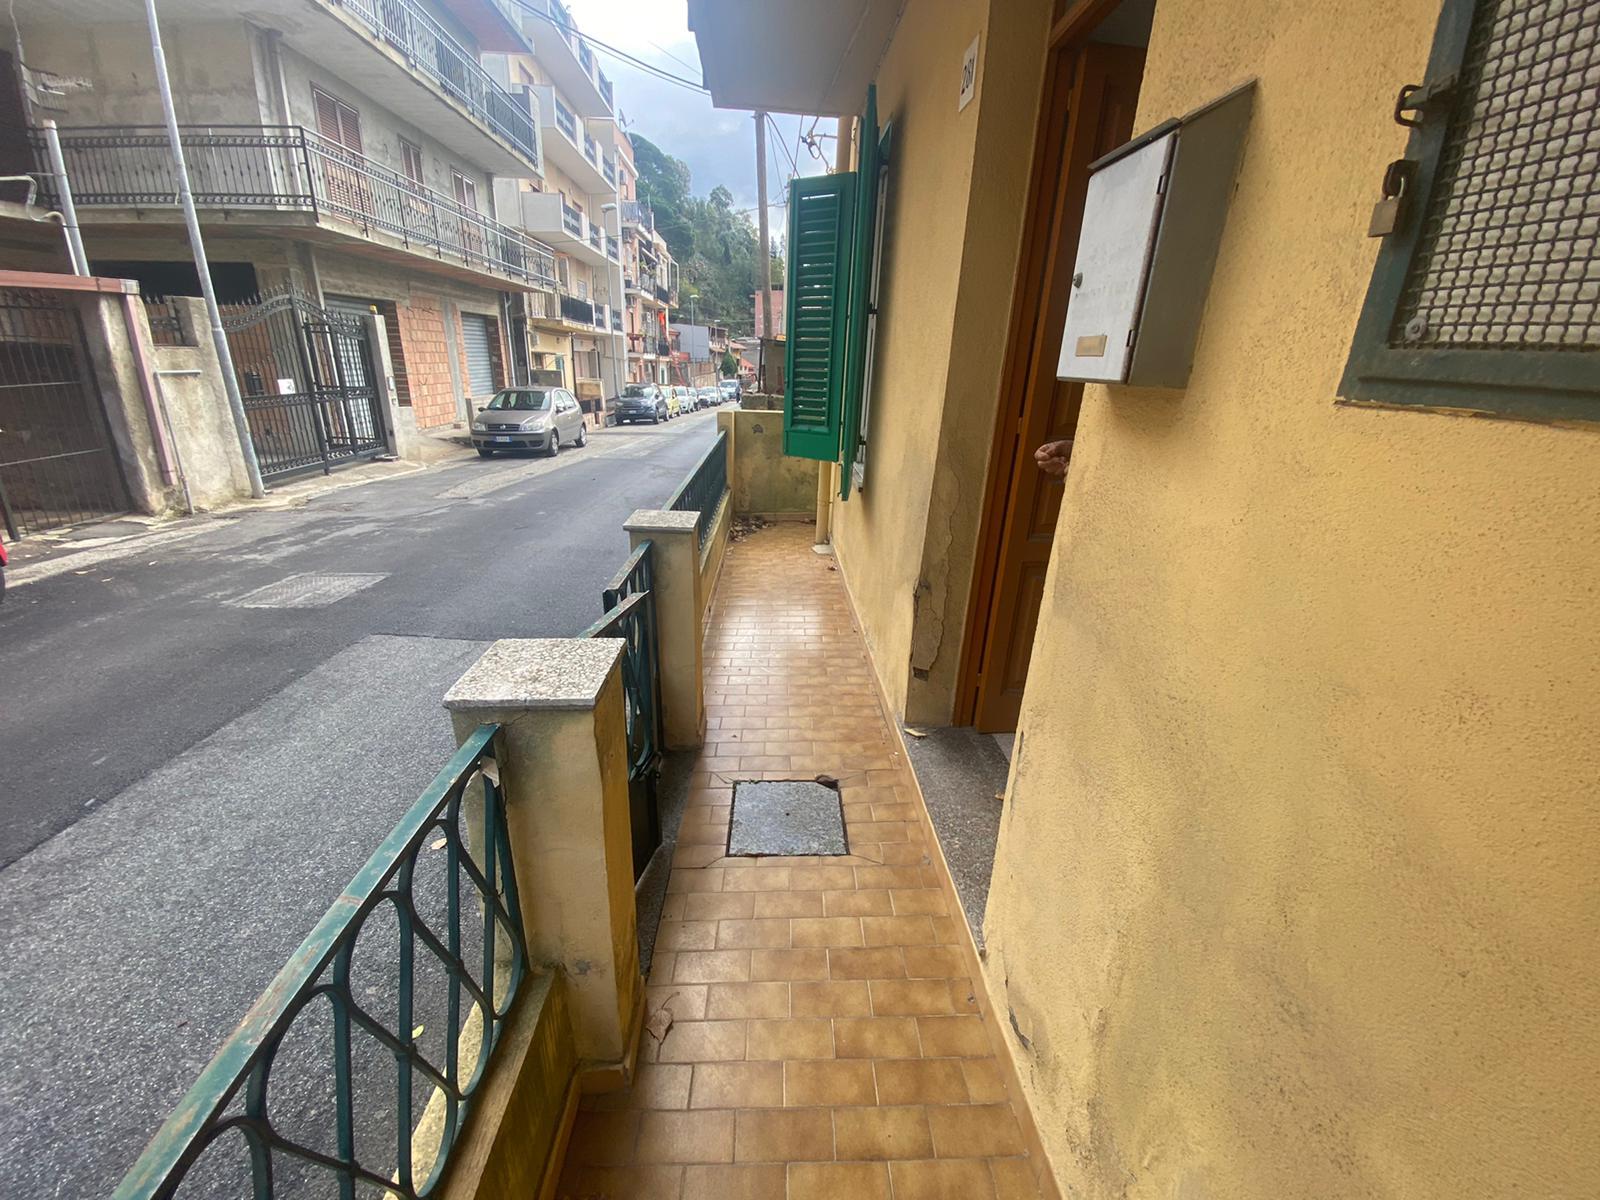 Svincolo Gazzi in vendita indipendente 4 vani più servizi + veranda con posto auto